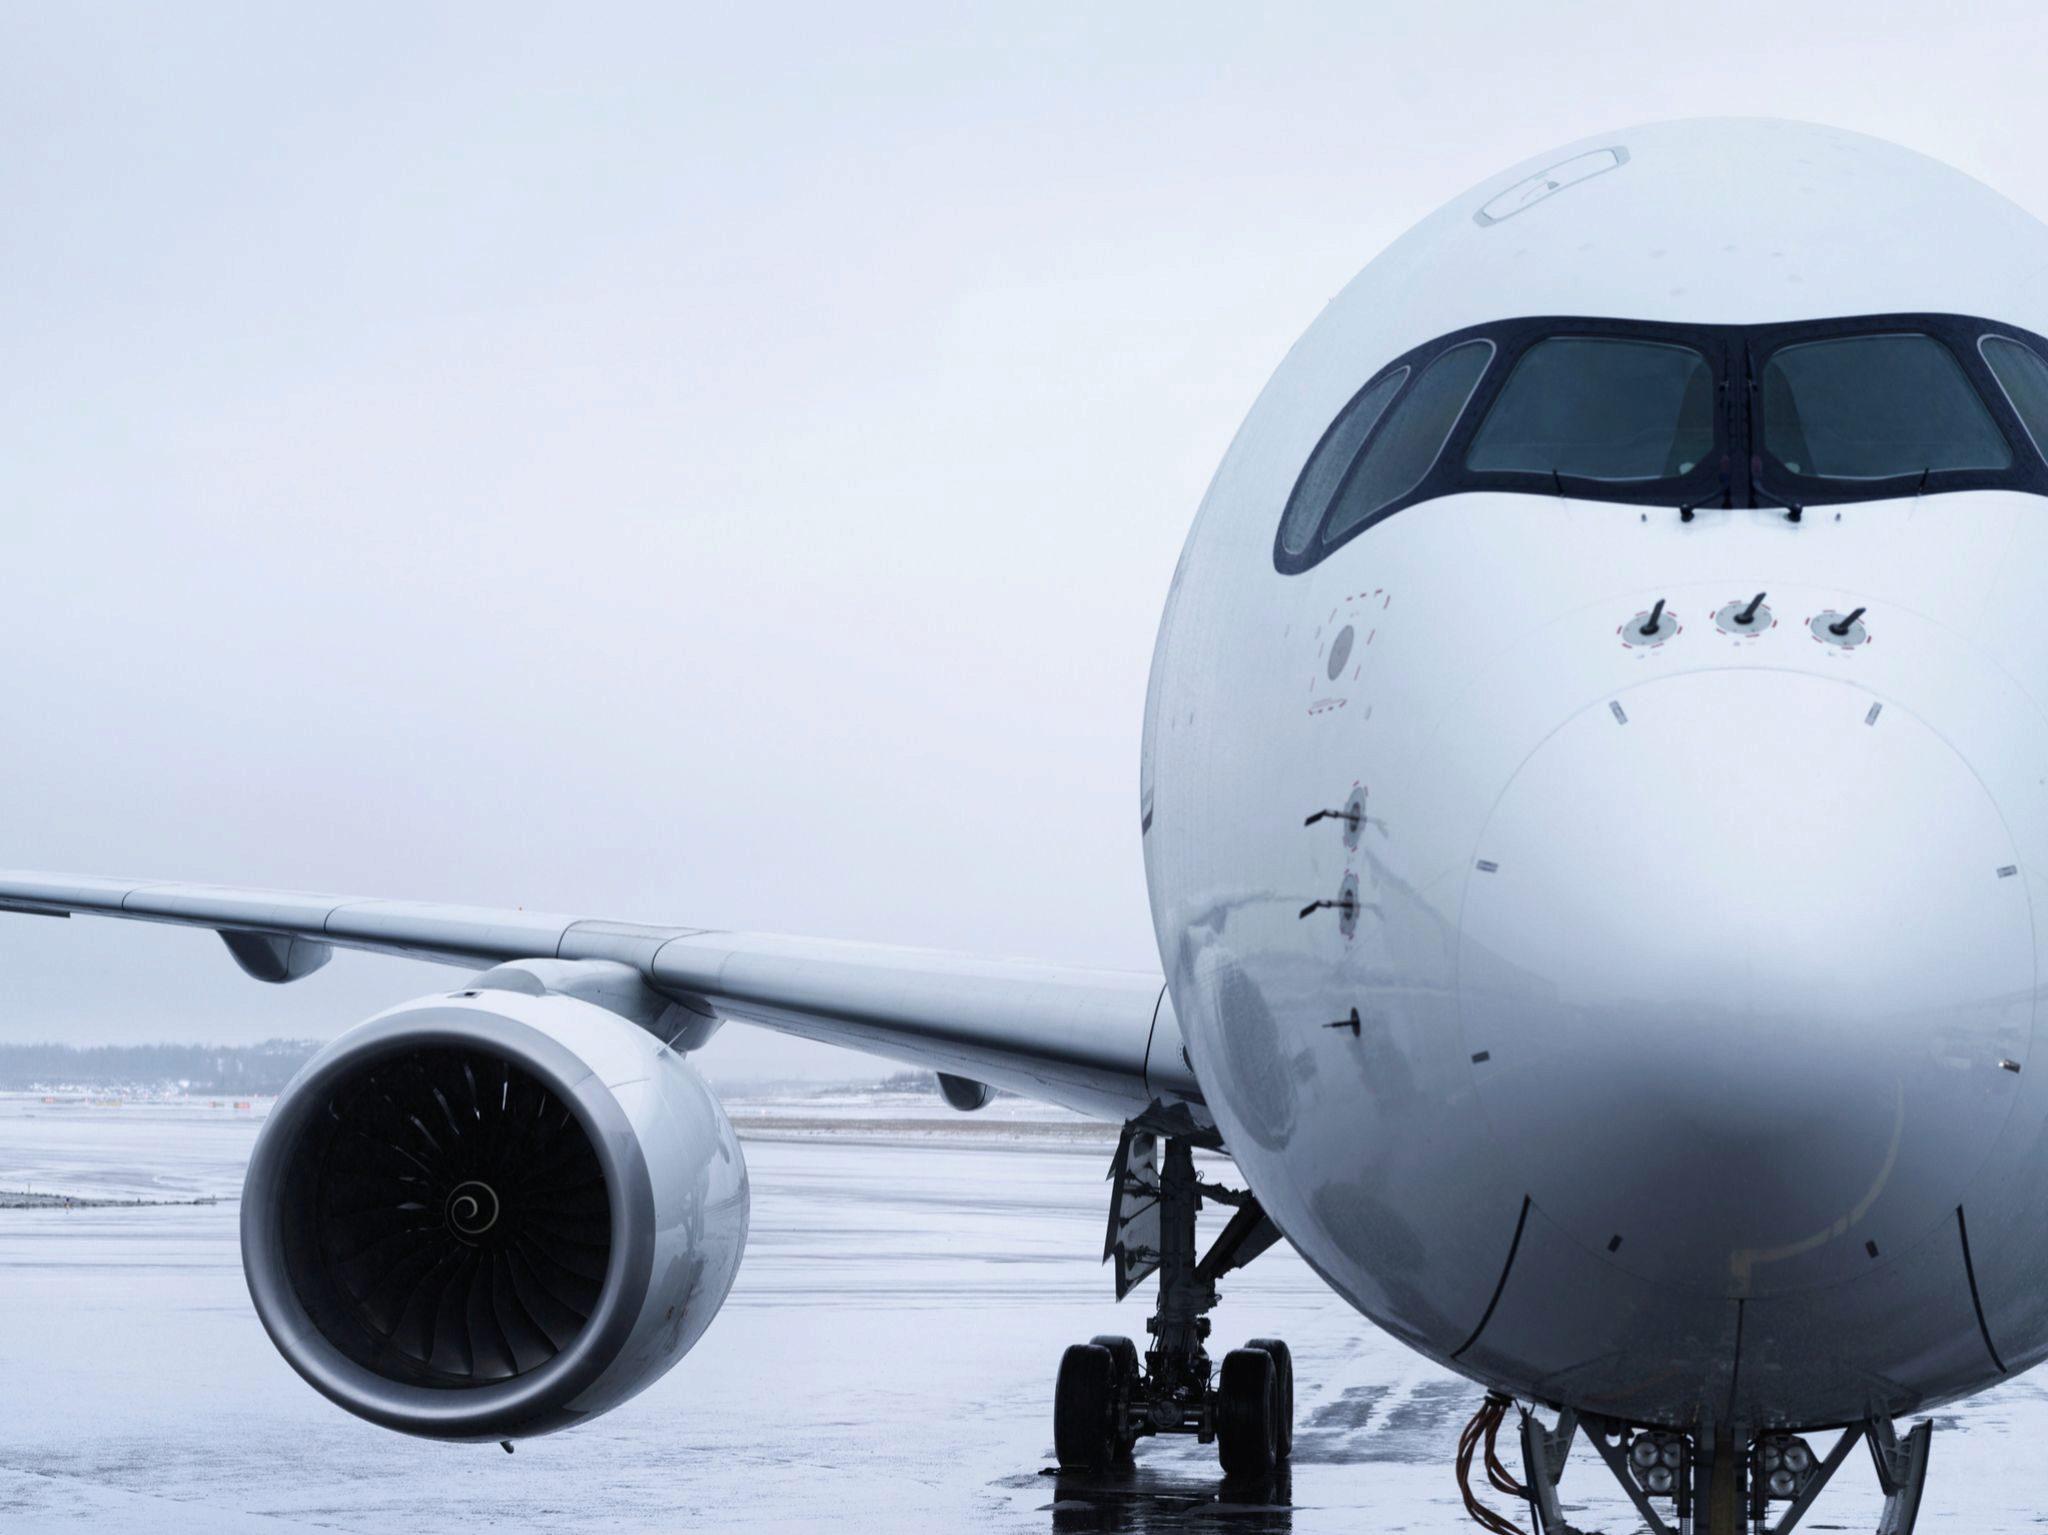 Imagen frontal de un A350 de la compañía Finnair.